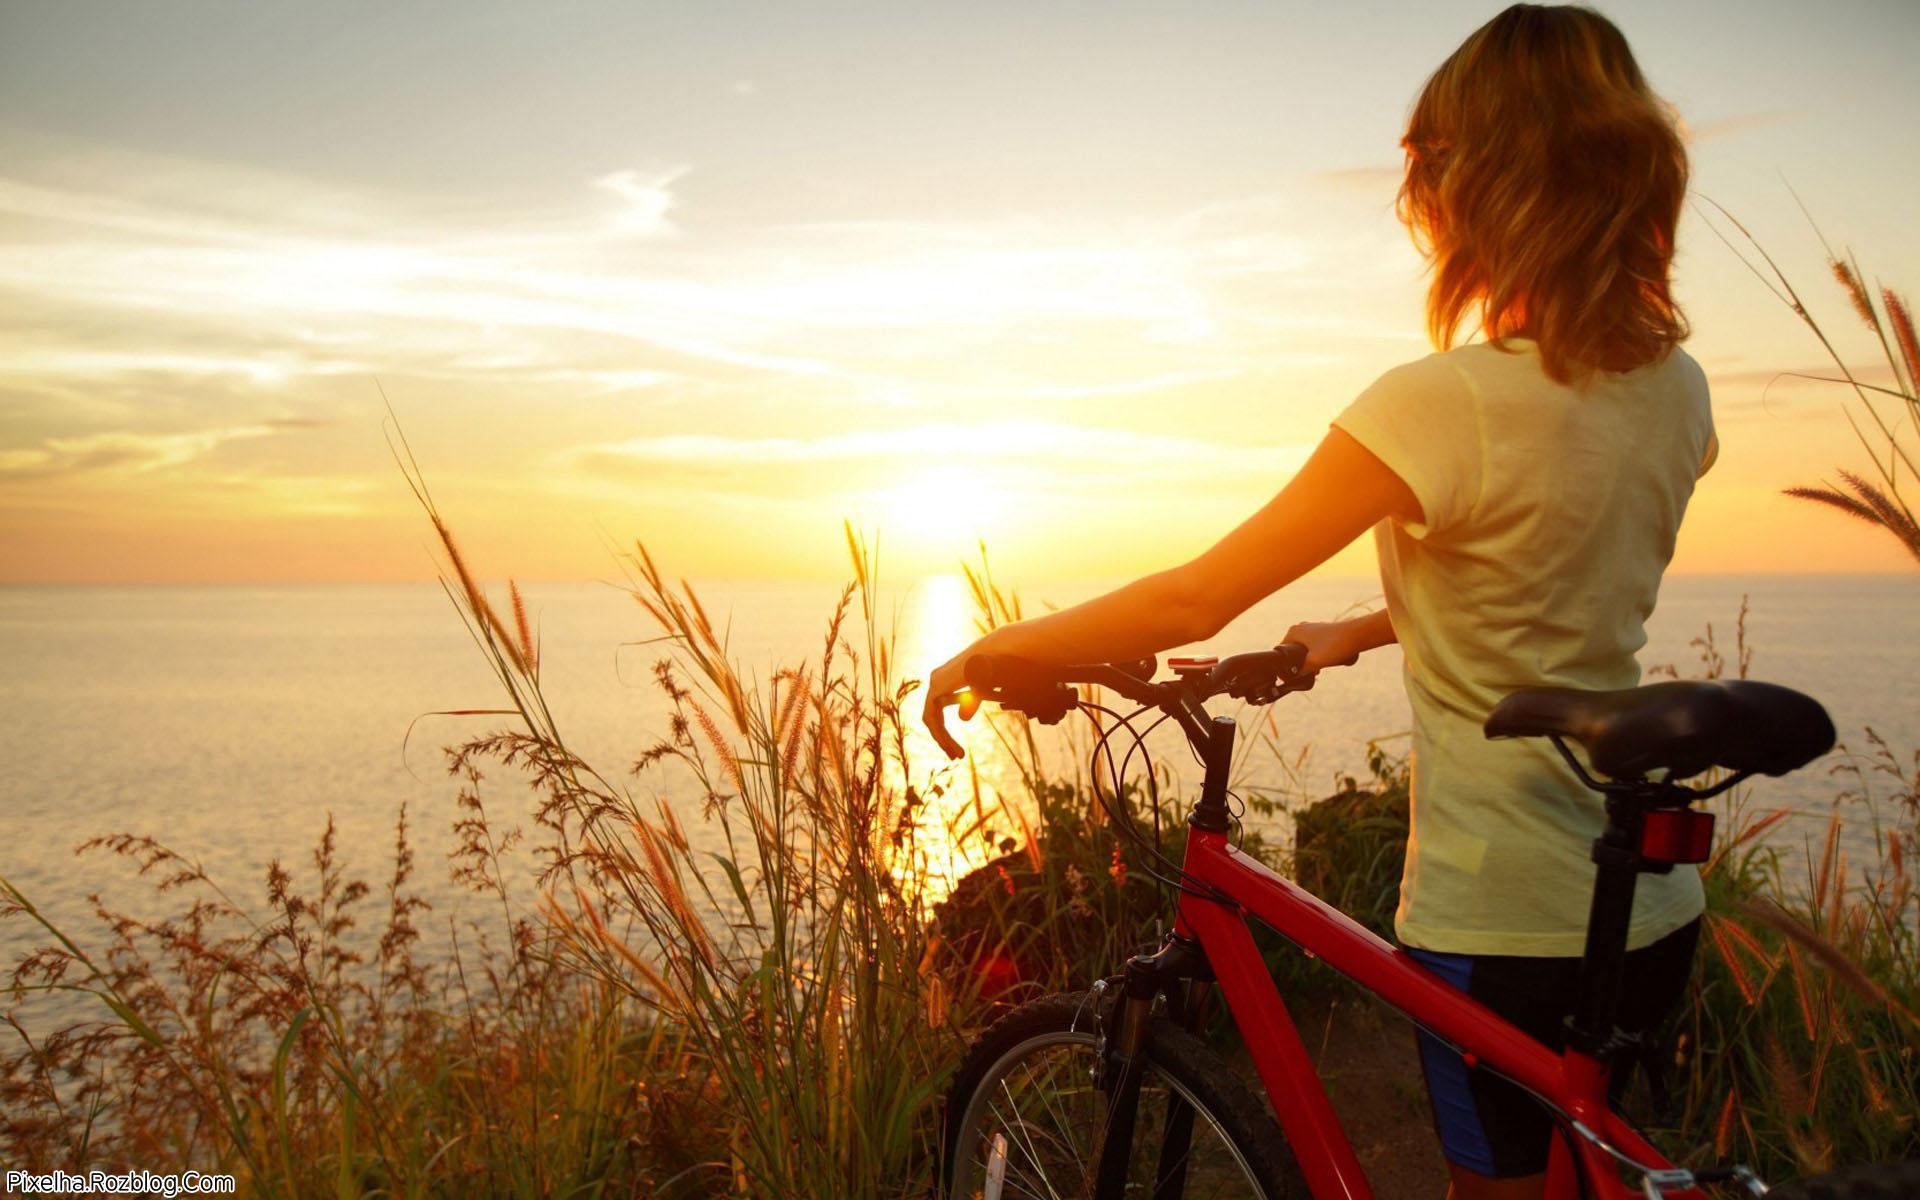 دختر دوچرخه سوار در حال تماشای غروب خورشید